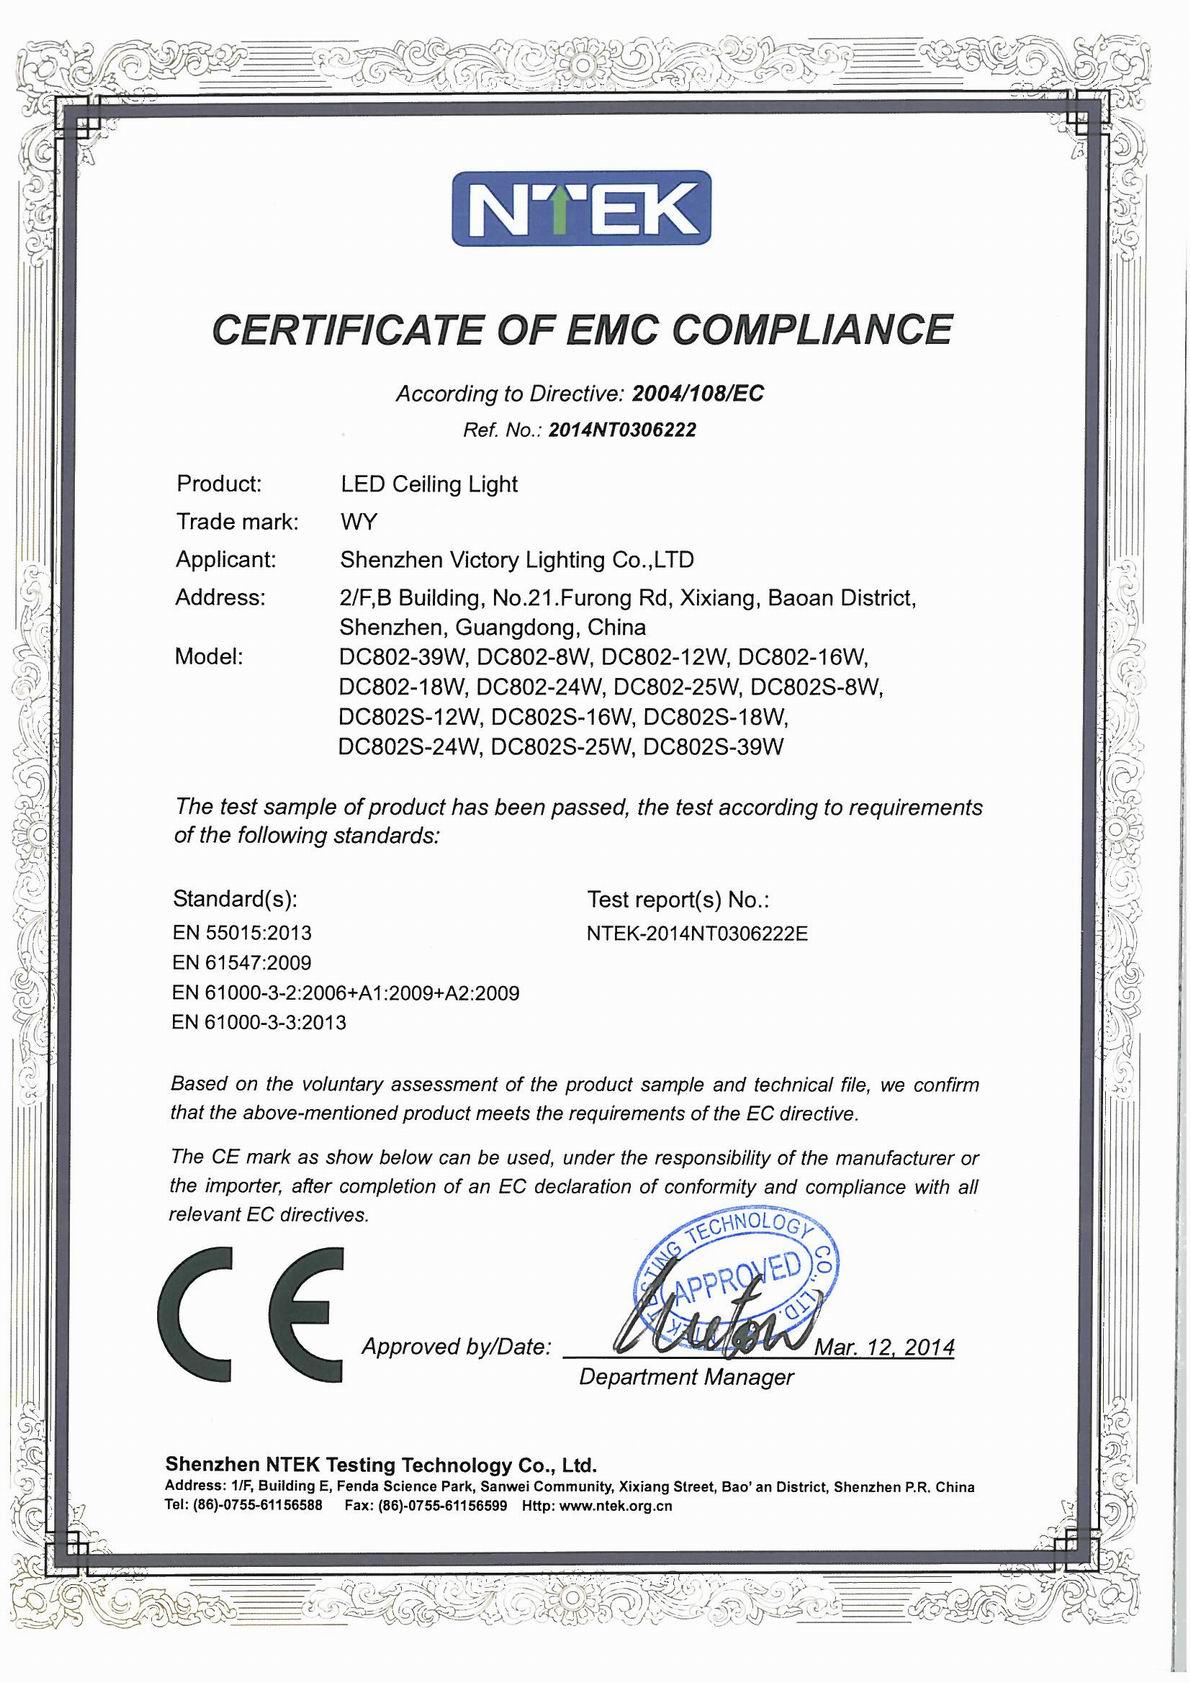 LED CEILING LIGHT CE(EMC) CERTIFICATION